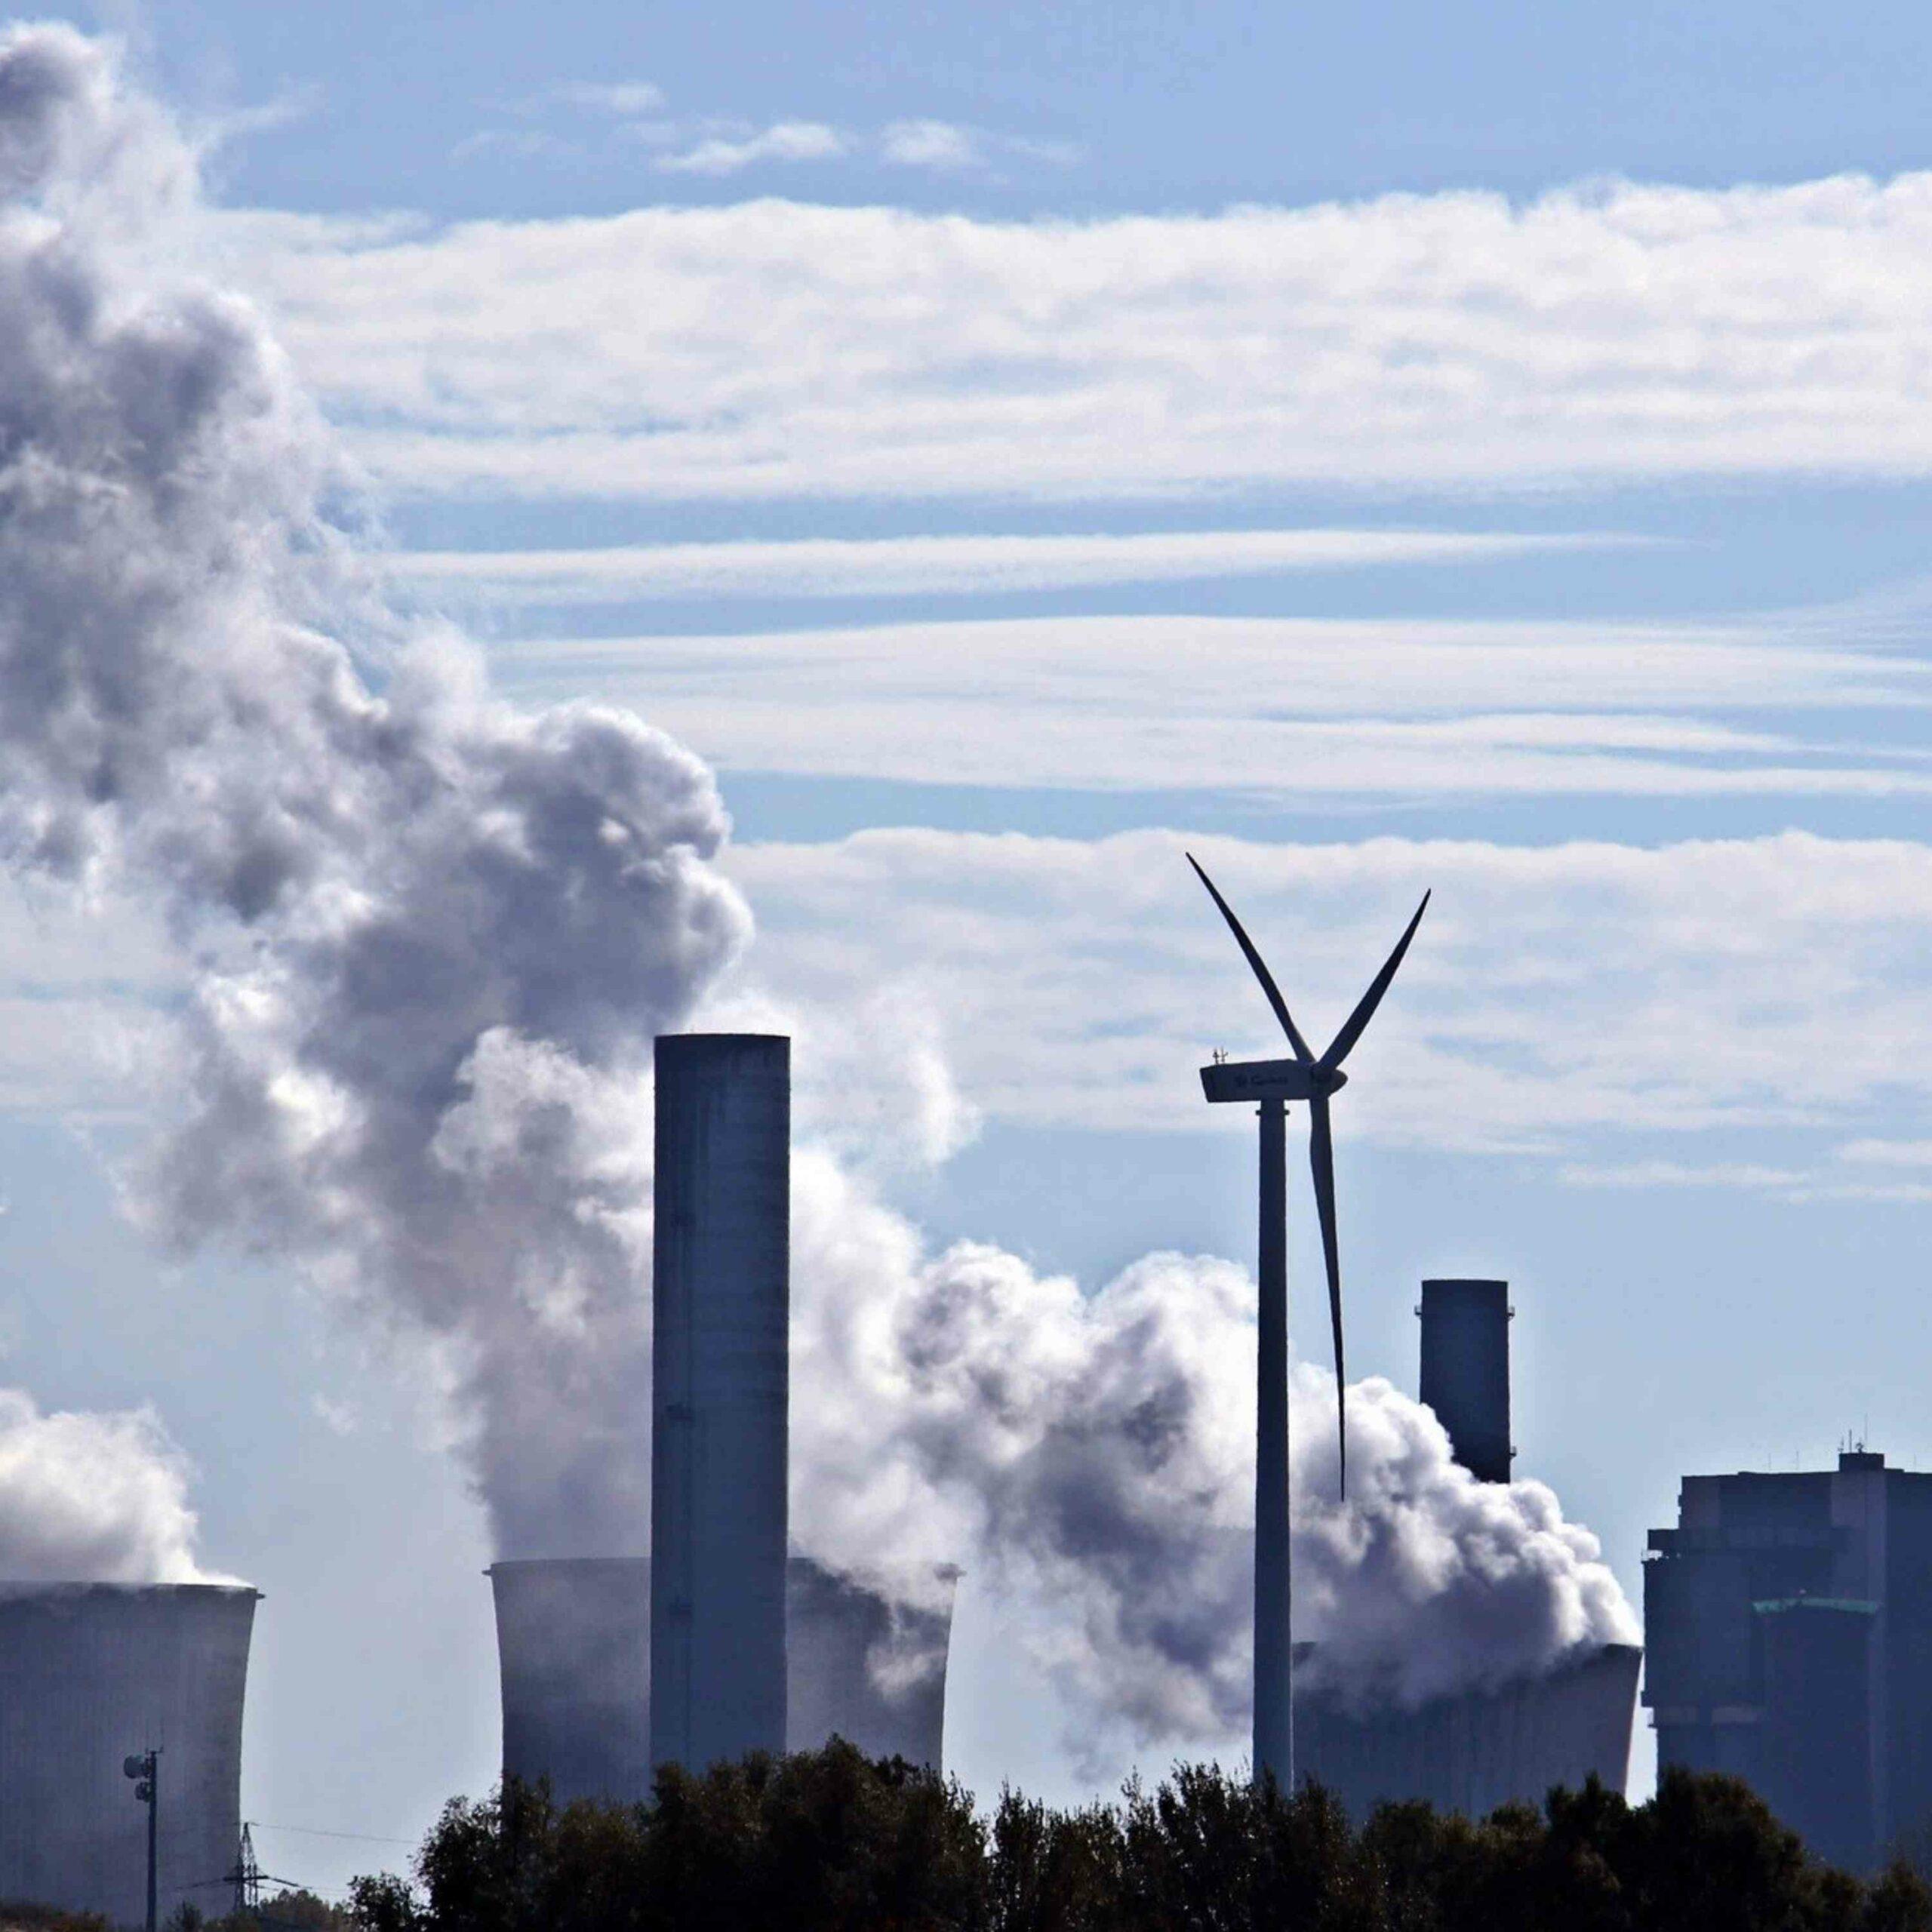 reforma energética vapor